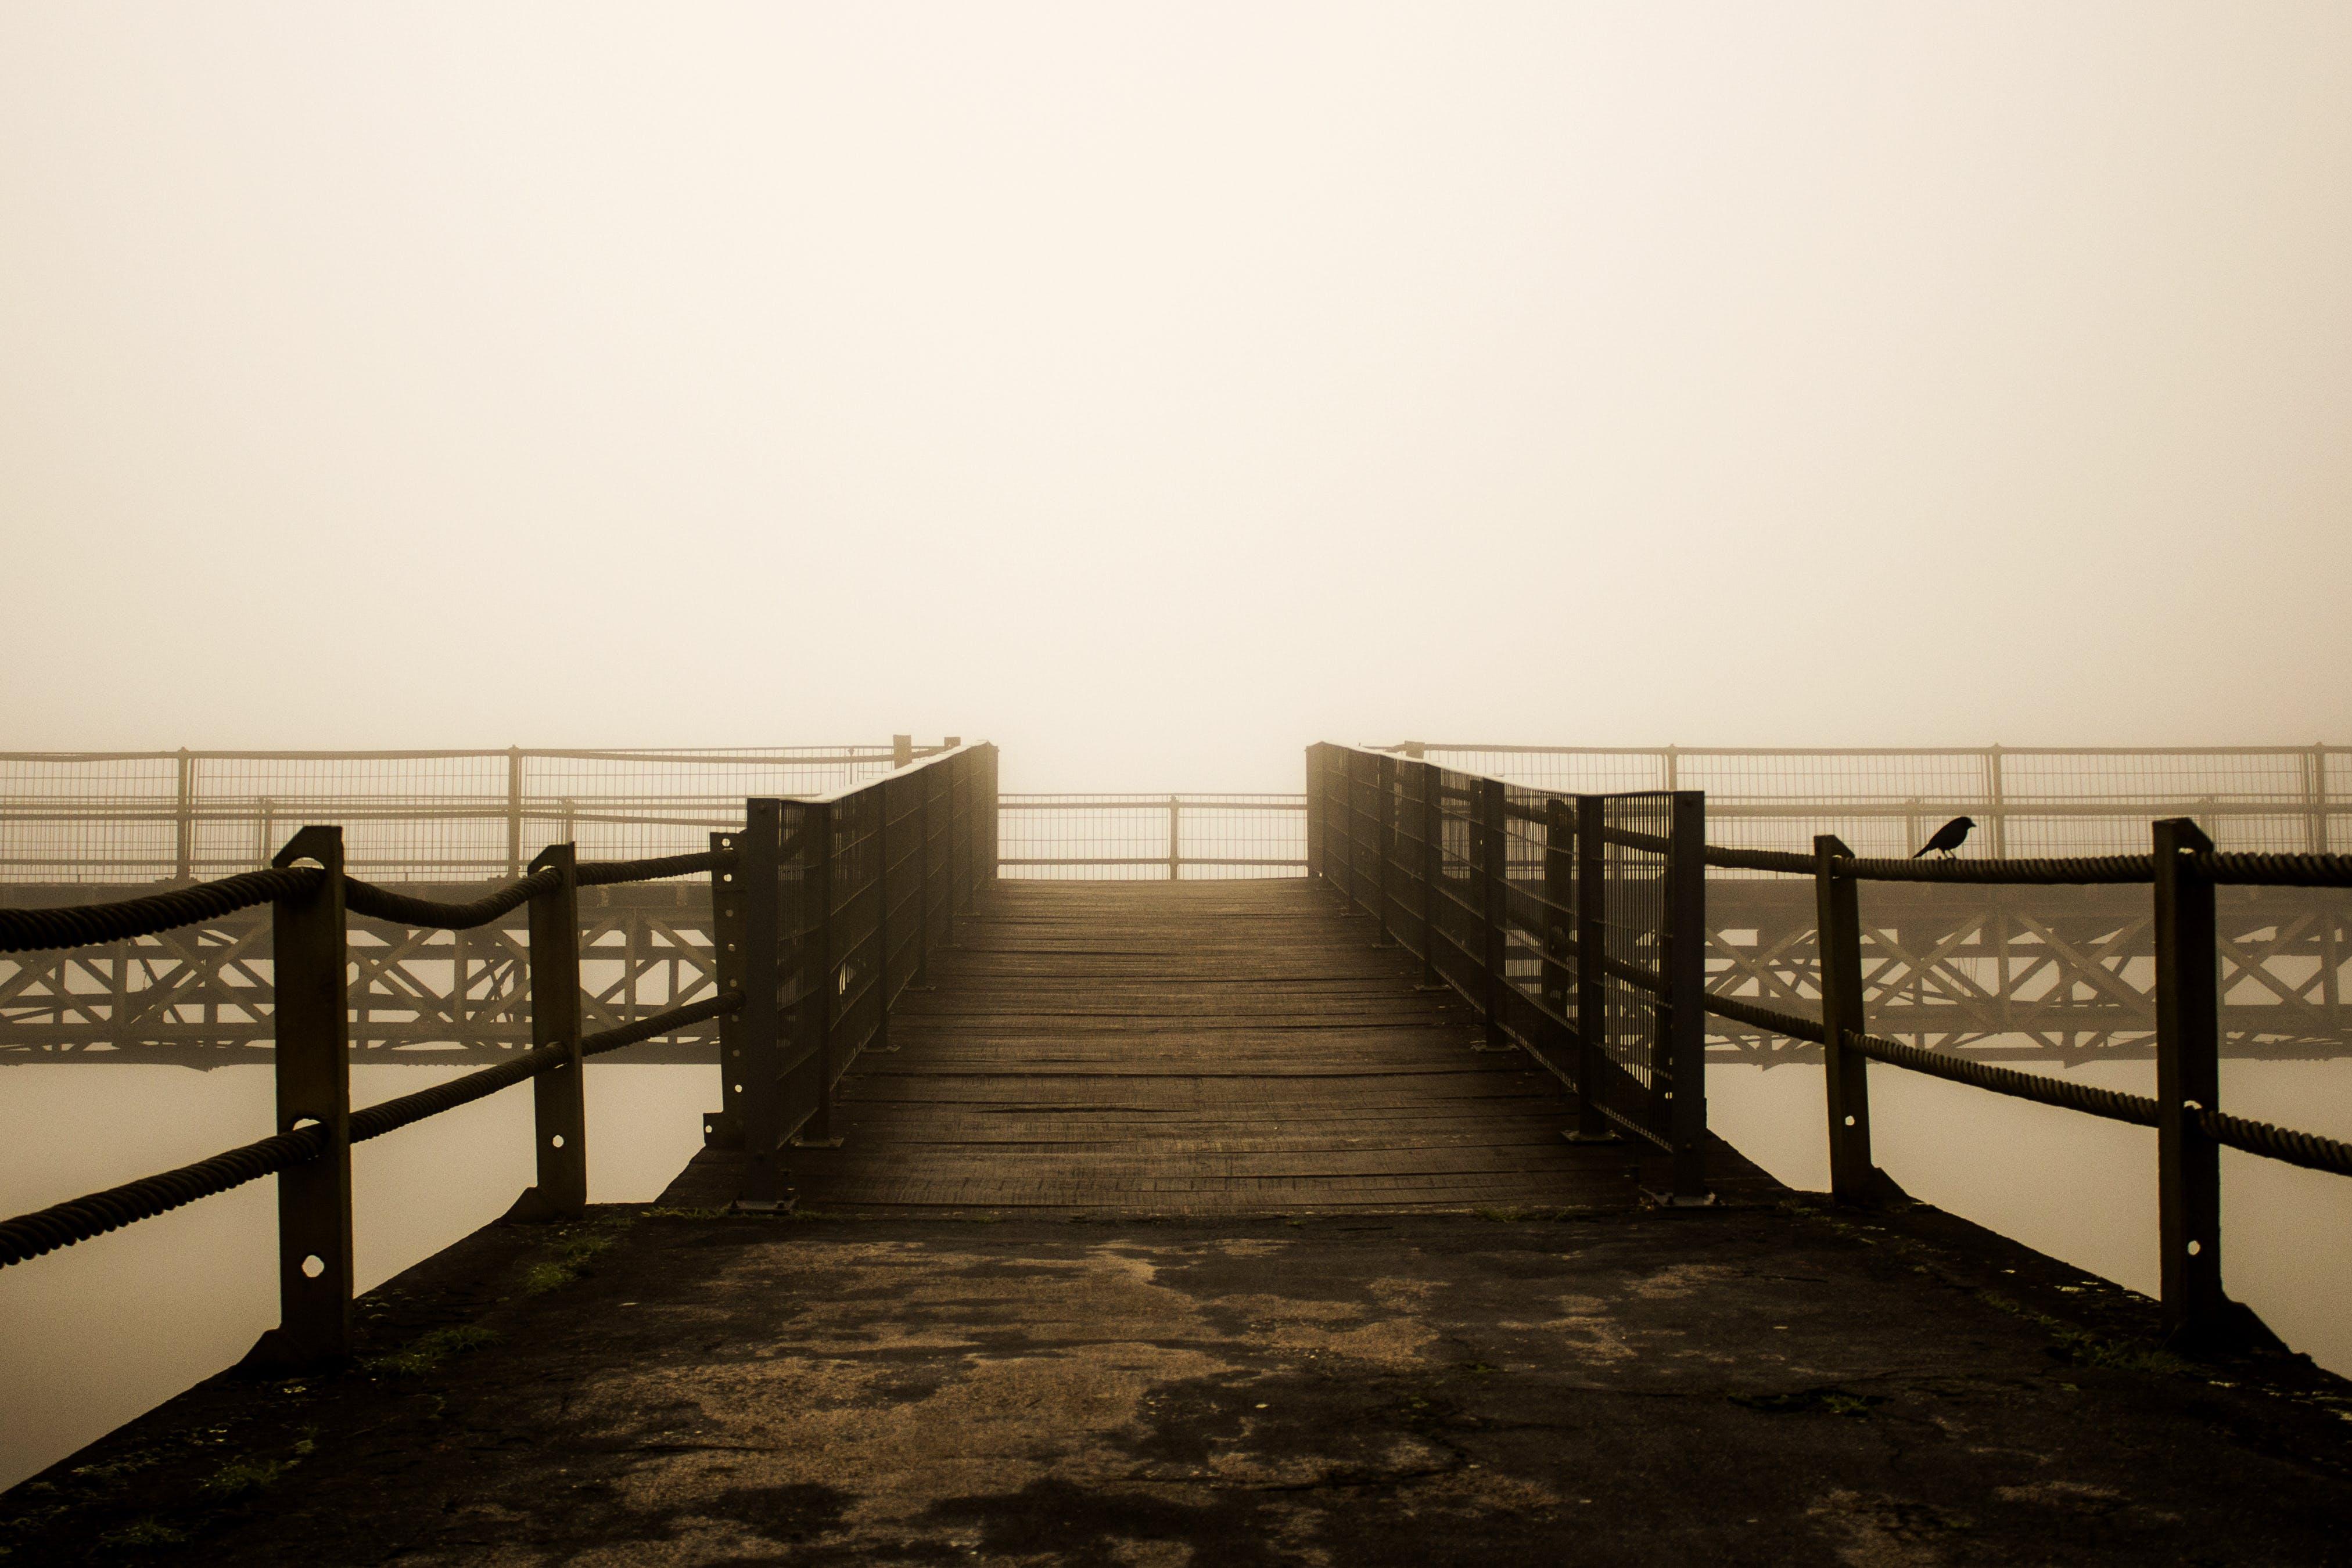 Δωρεάν στοκ φωτογραφιών με γέφυρα, λήψη φωτογραφίας, τοπίο, φωτογραφία